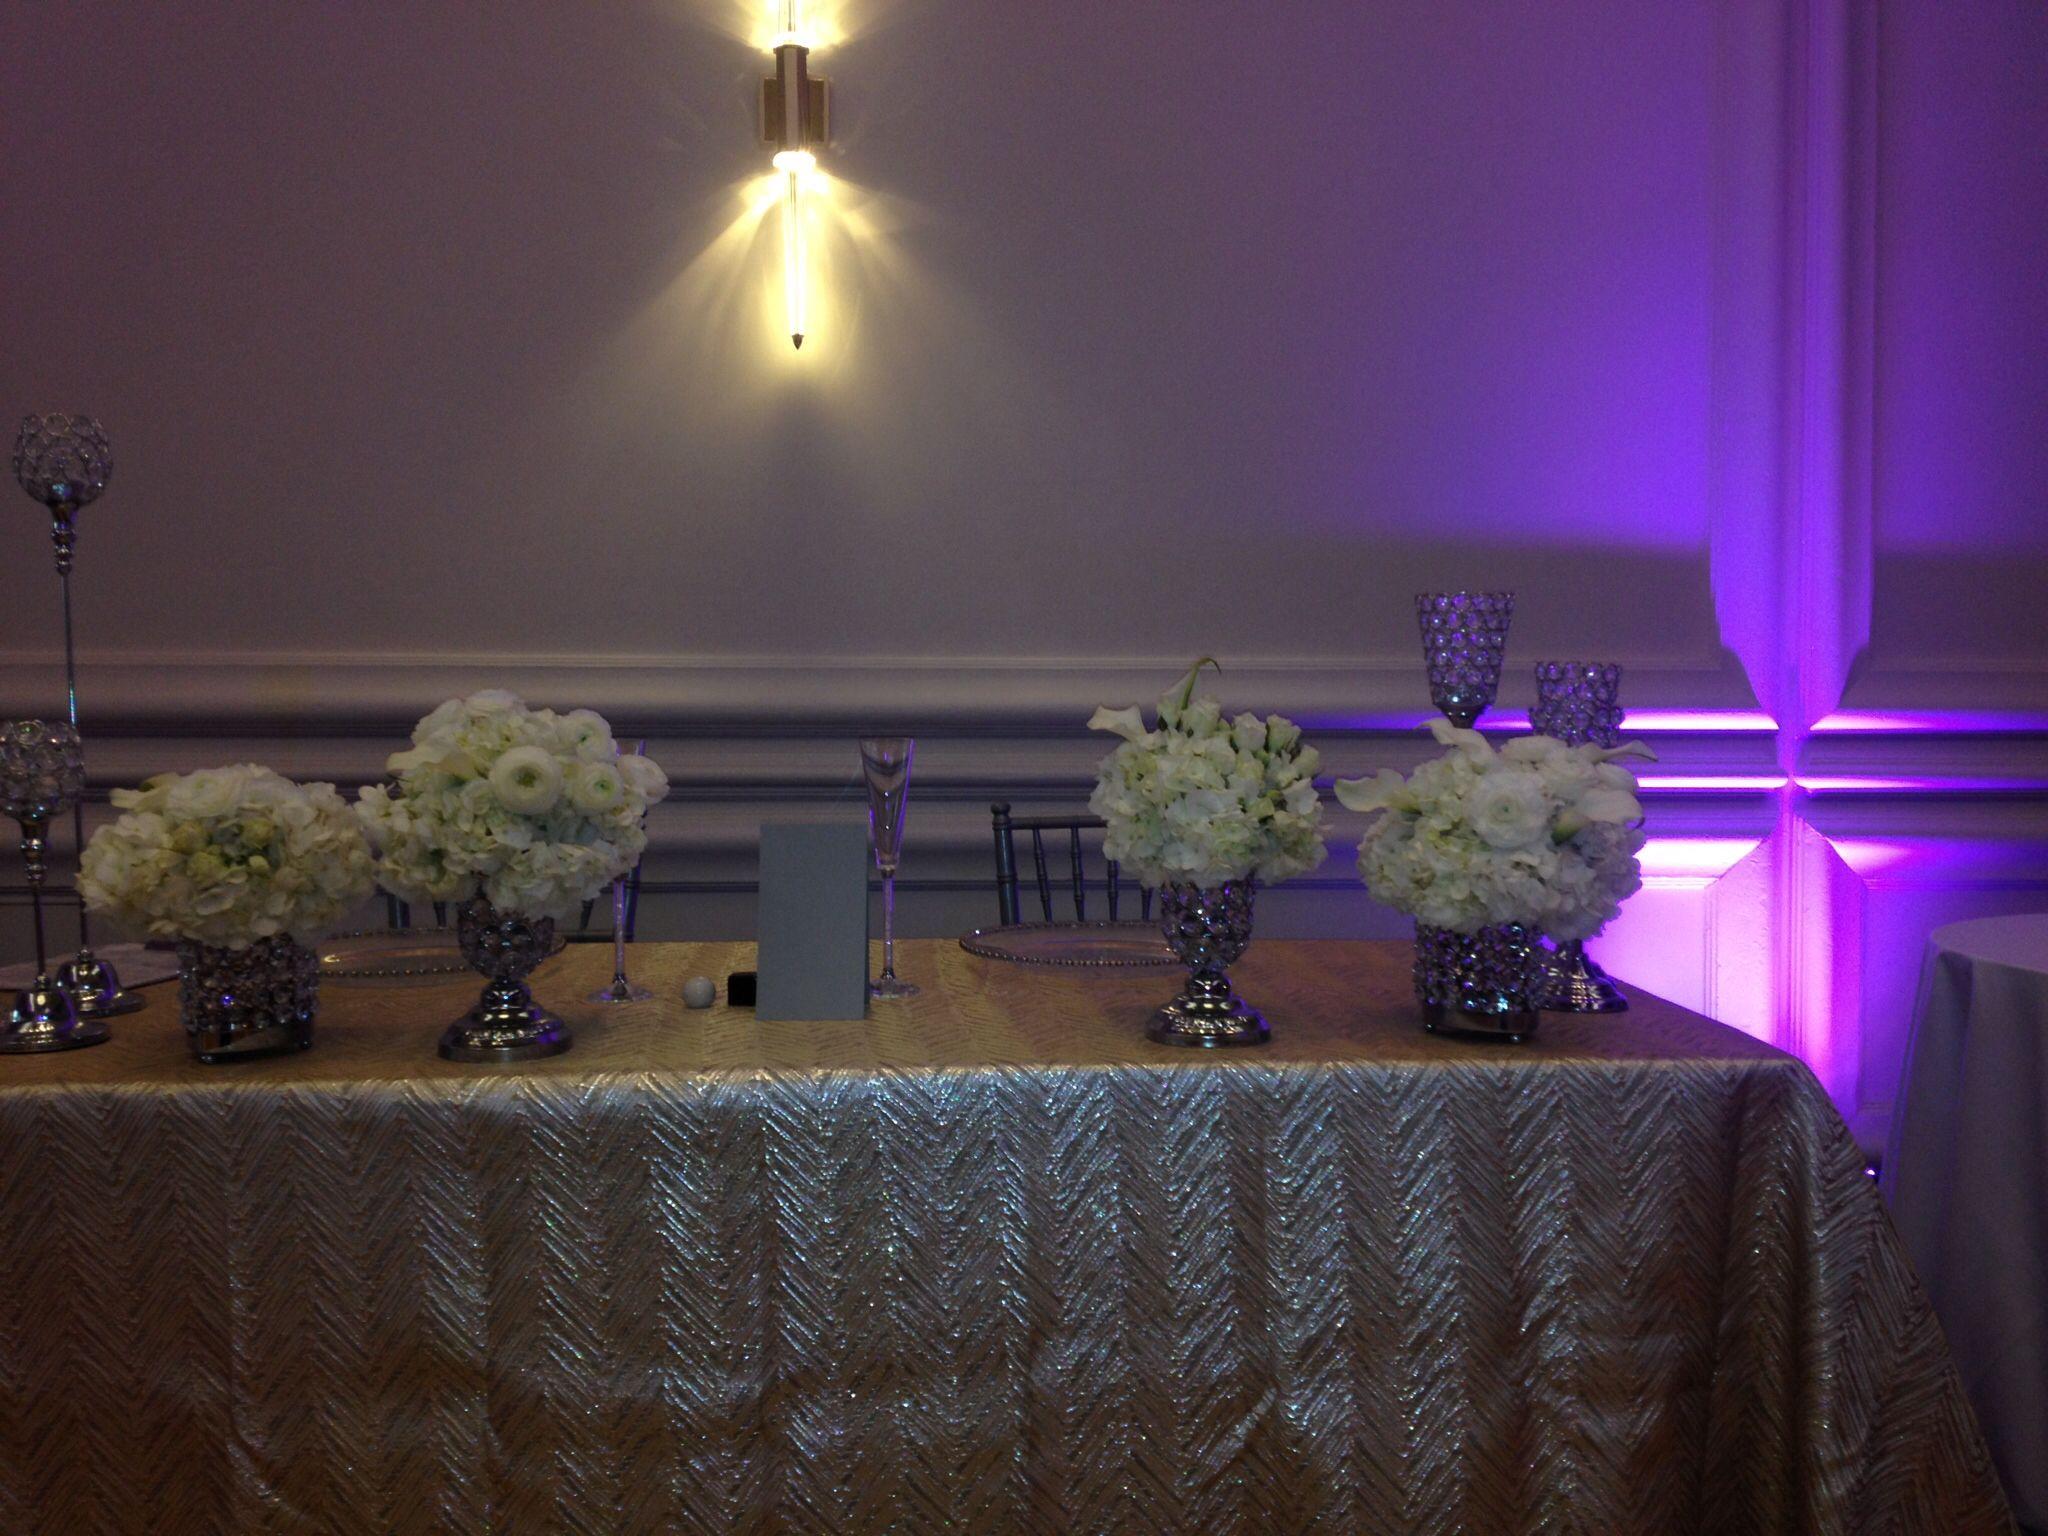 Bride Groom Table Decoration Bride Groom Table Decoration Bride Groom Table Decoration